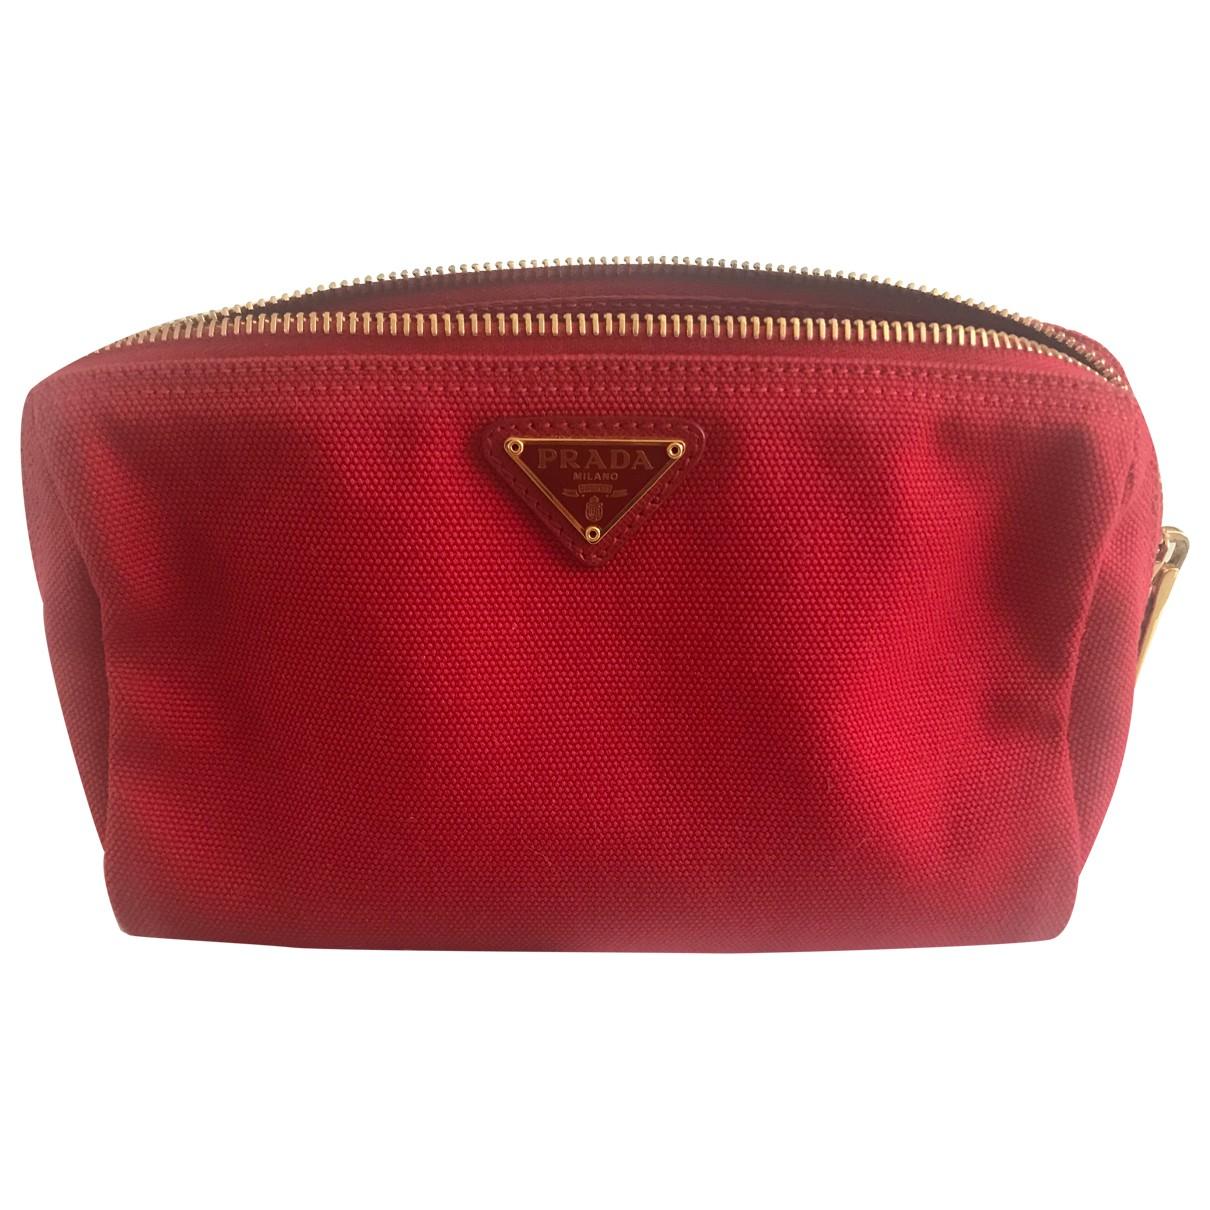 Prada - Pochette Tessuto  pour femme en coton - rouge